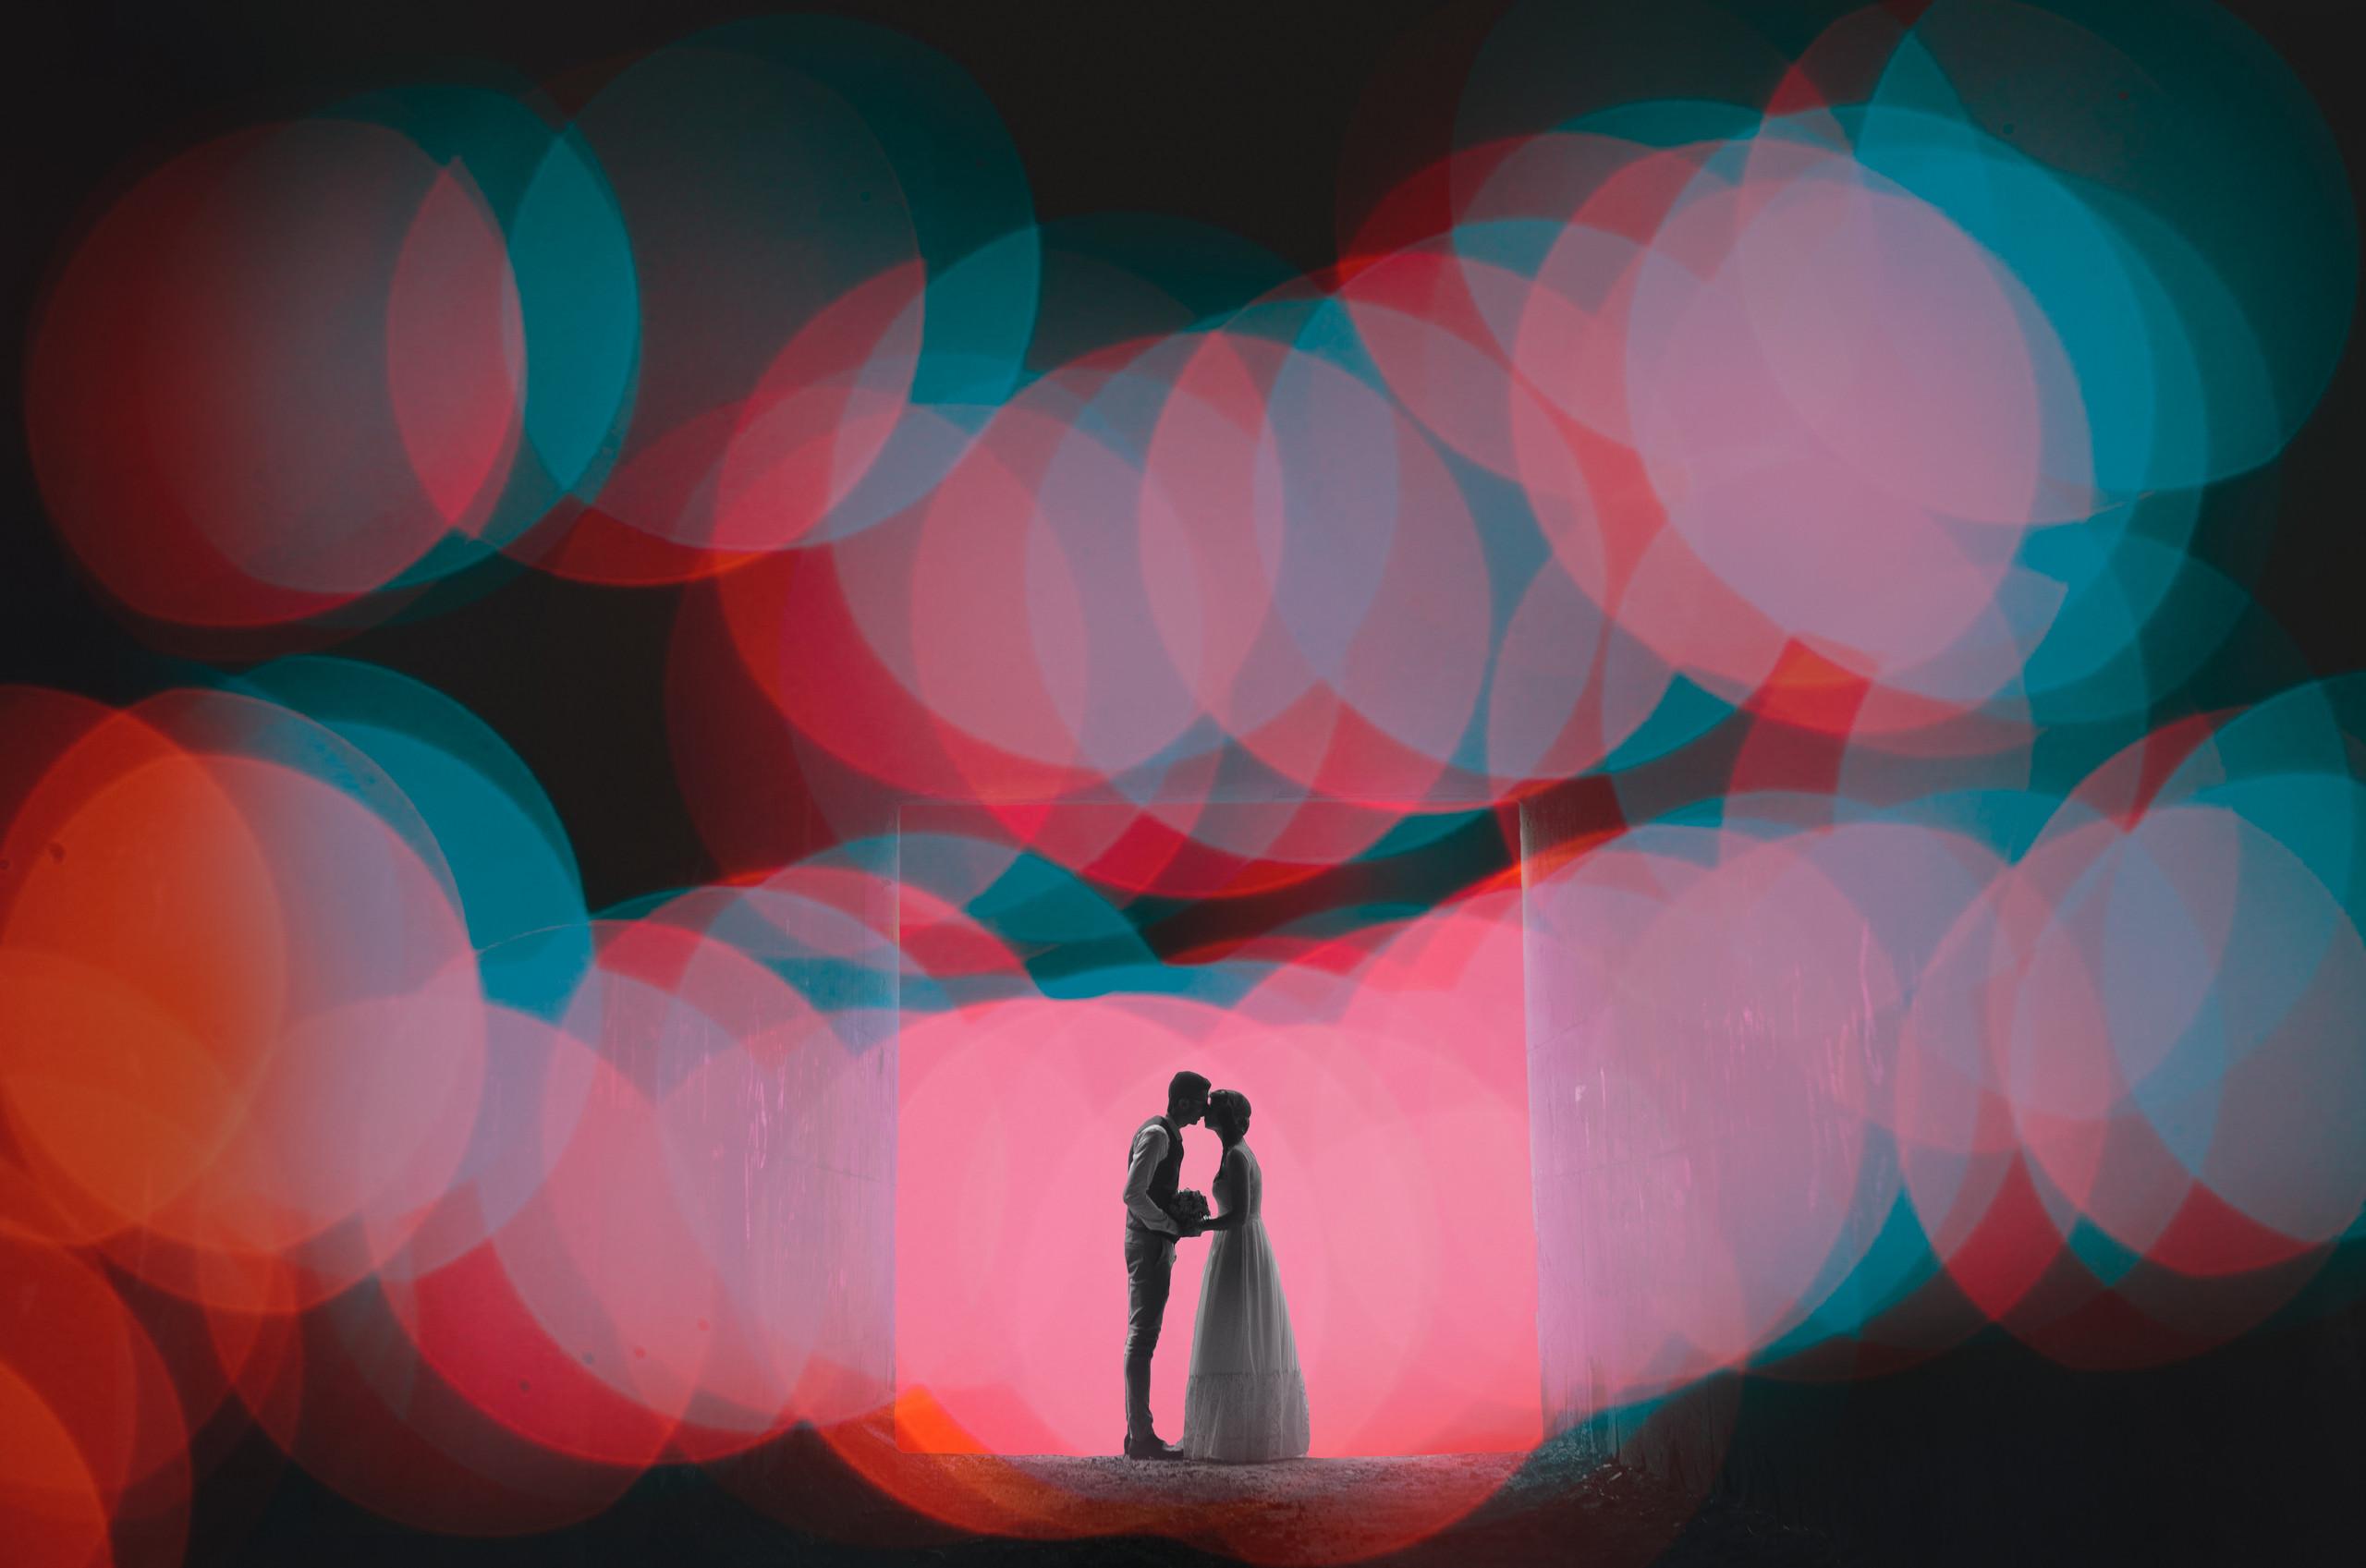 צילומי חתונה מיוחדים - זוג מצטלם עם אורות אחוריים, מתחת לגשר ליד הים, קיבוץ החותרים, חתונה מזווית קצת אחרת